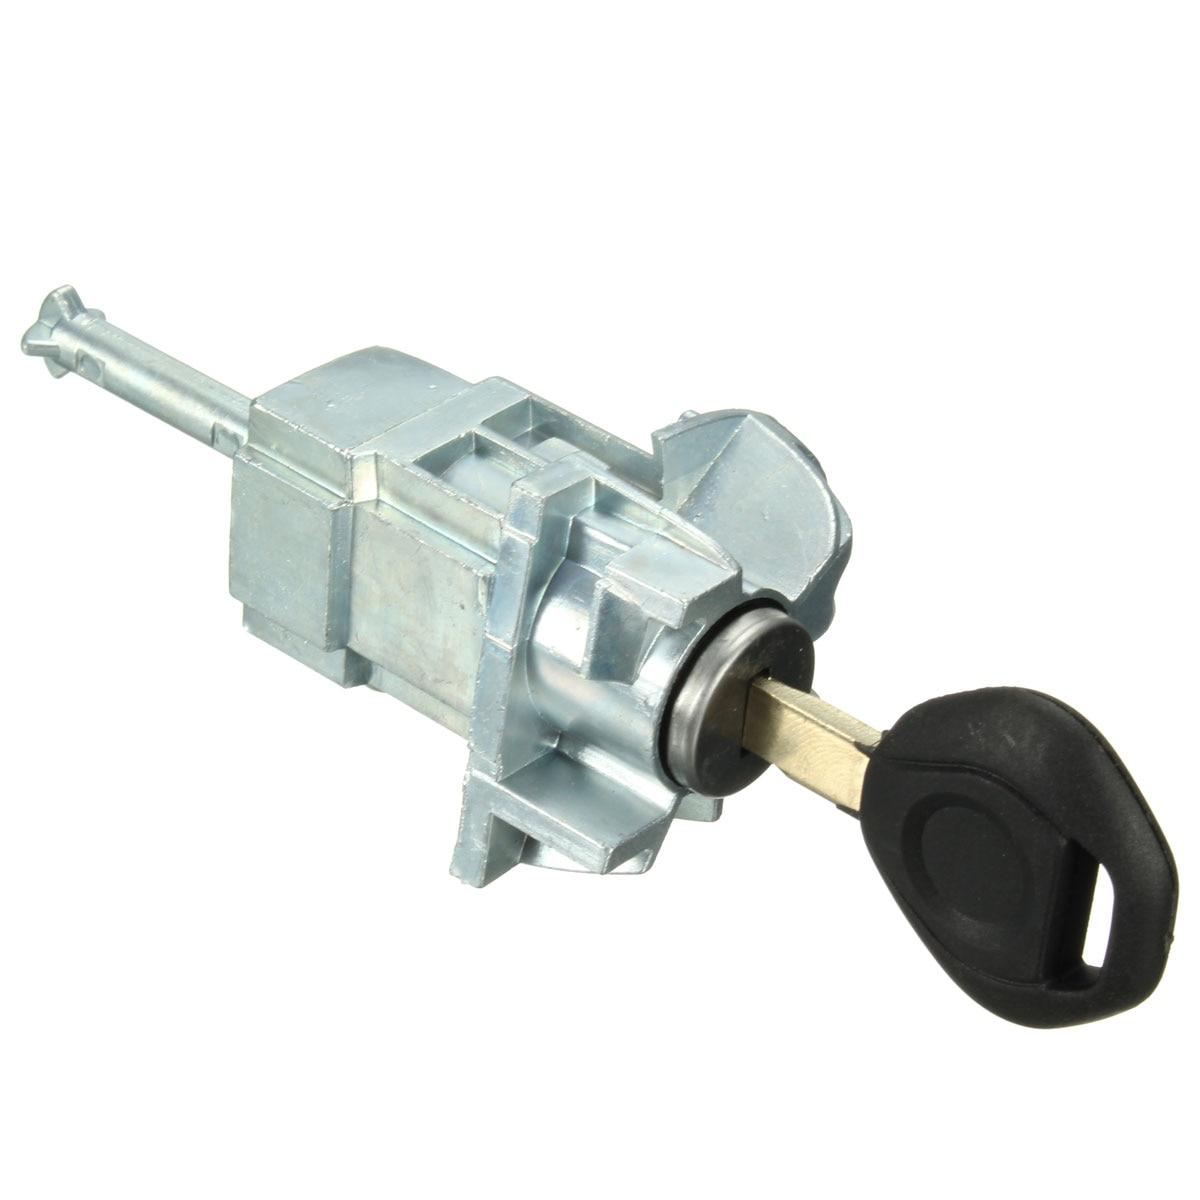 Für BMW/E46 3 Serie Vorne Links Fahrer Türschloss Zylinder Barrel Montage Schlüssel